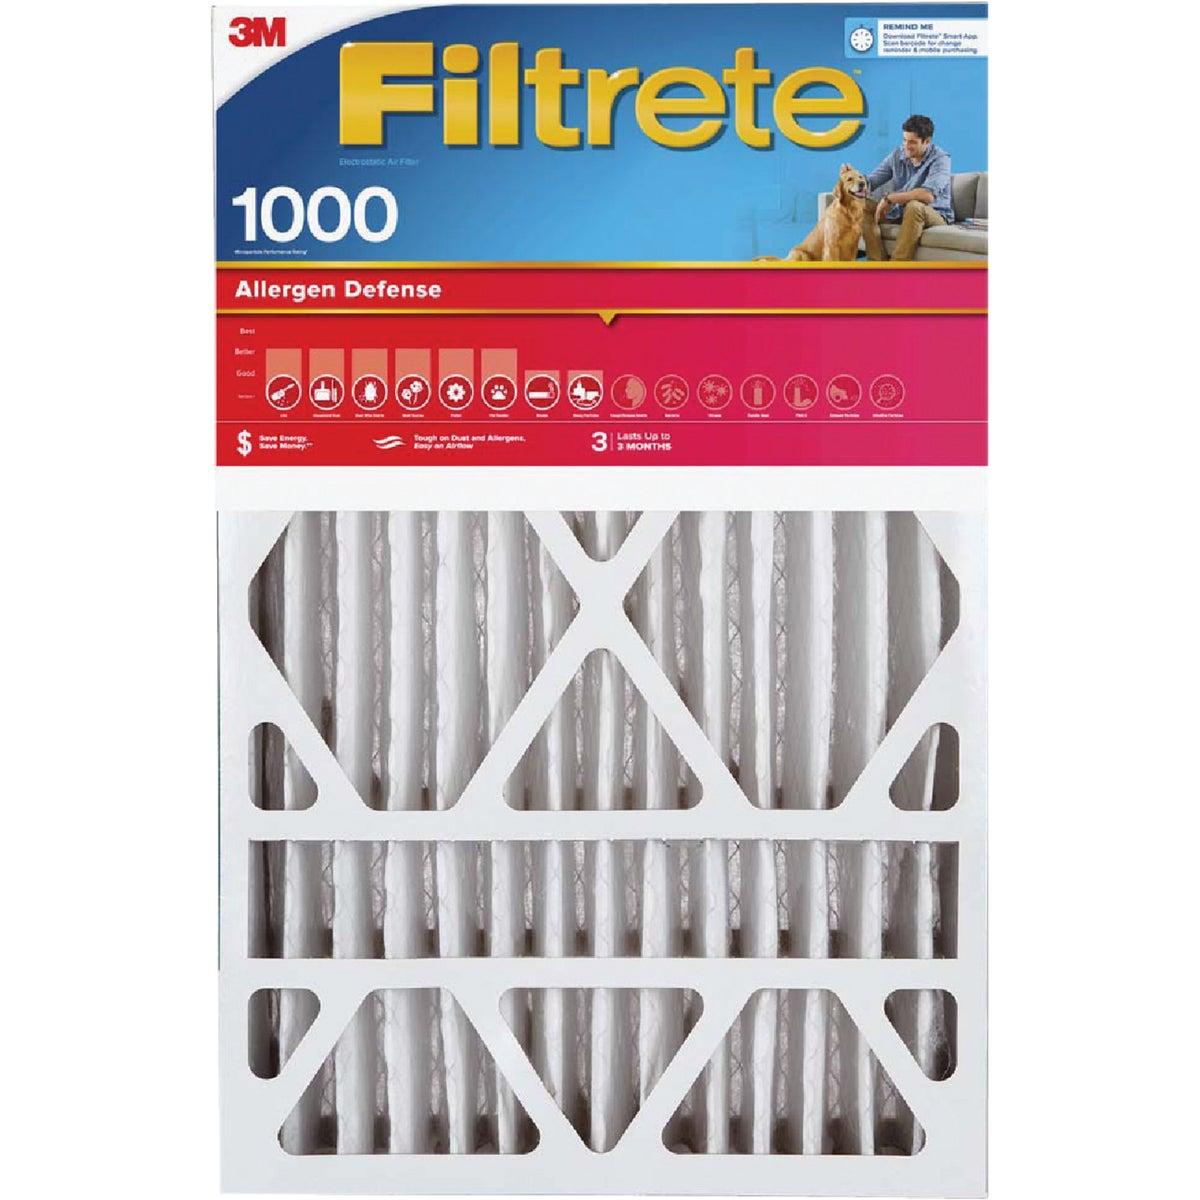 3M Filtrete 16 In. x 20 In. x 1 In. Allergen Defense 1000/1085 MPR Furnace Filter (2-Pack)